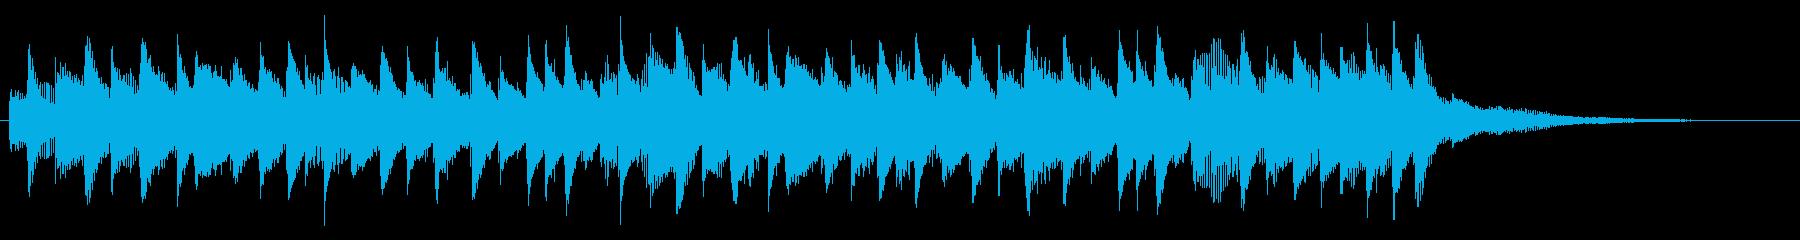 企業VP系ピアノ会社紹介学校紹介ジングルの再生済みの波形